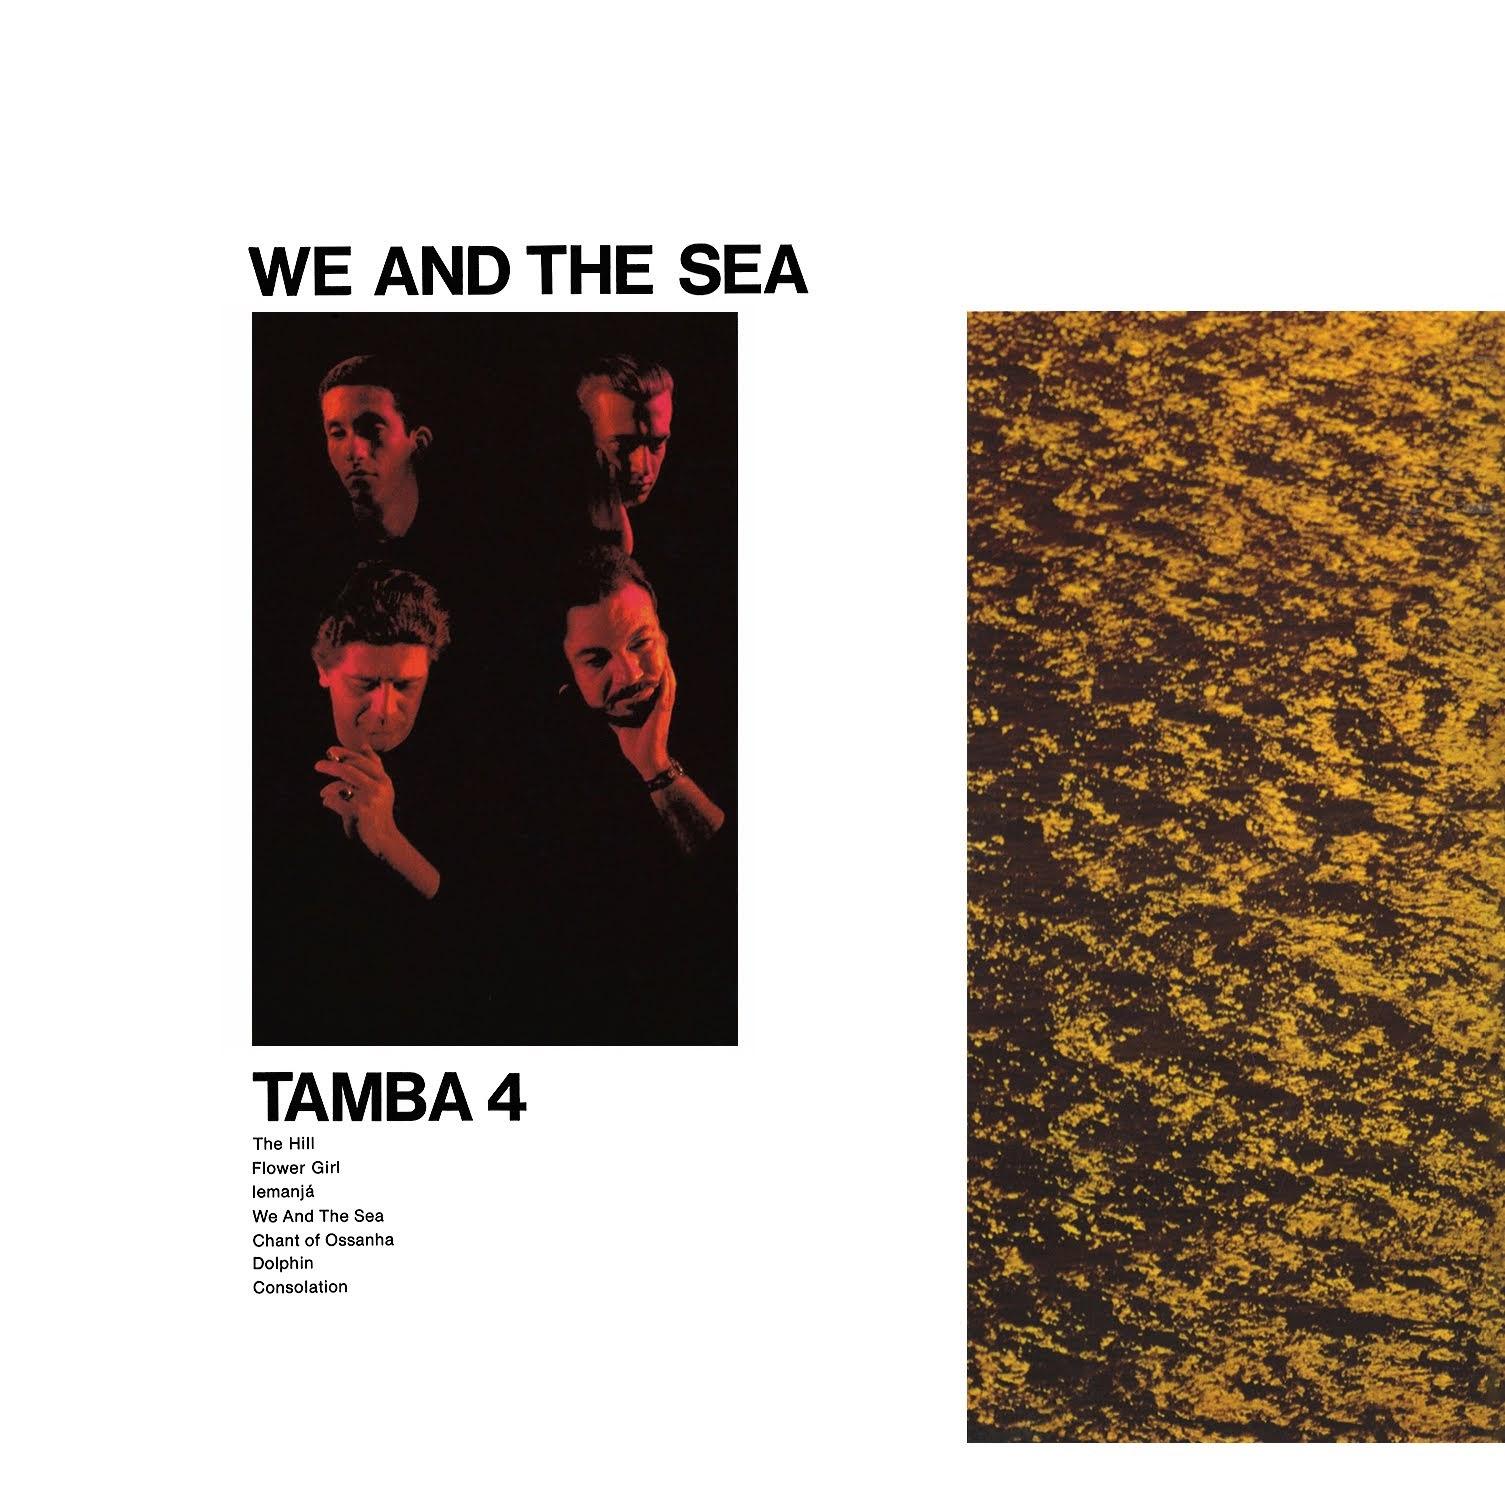 Tamba 4